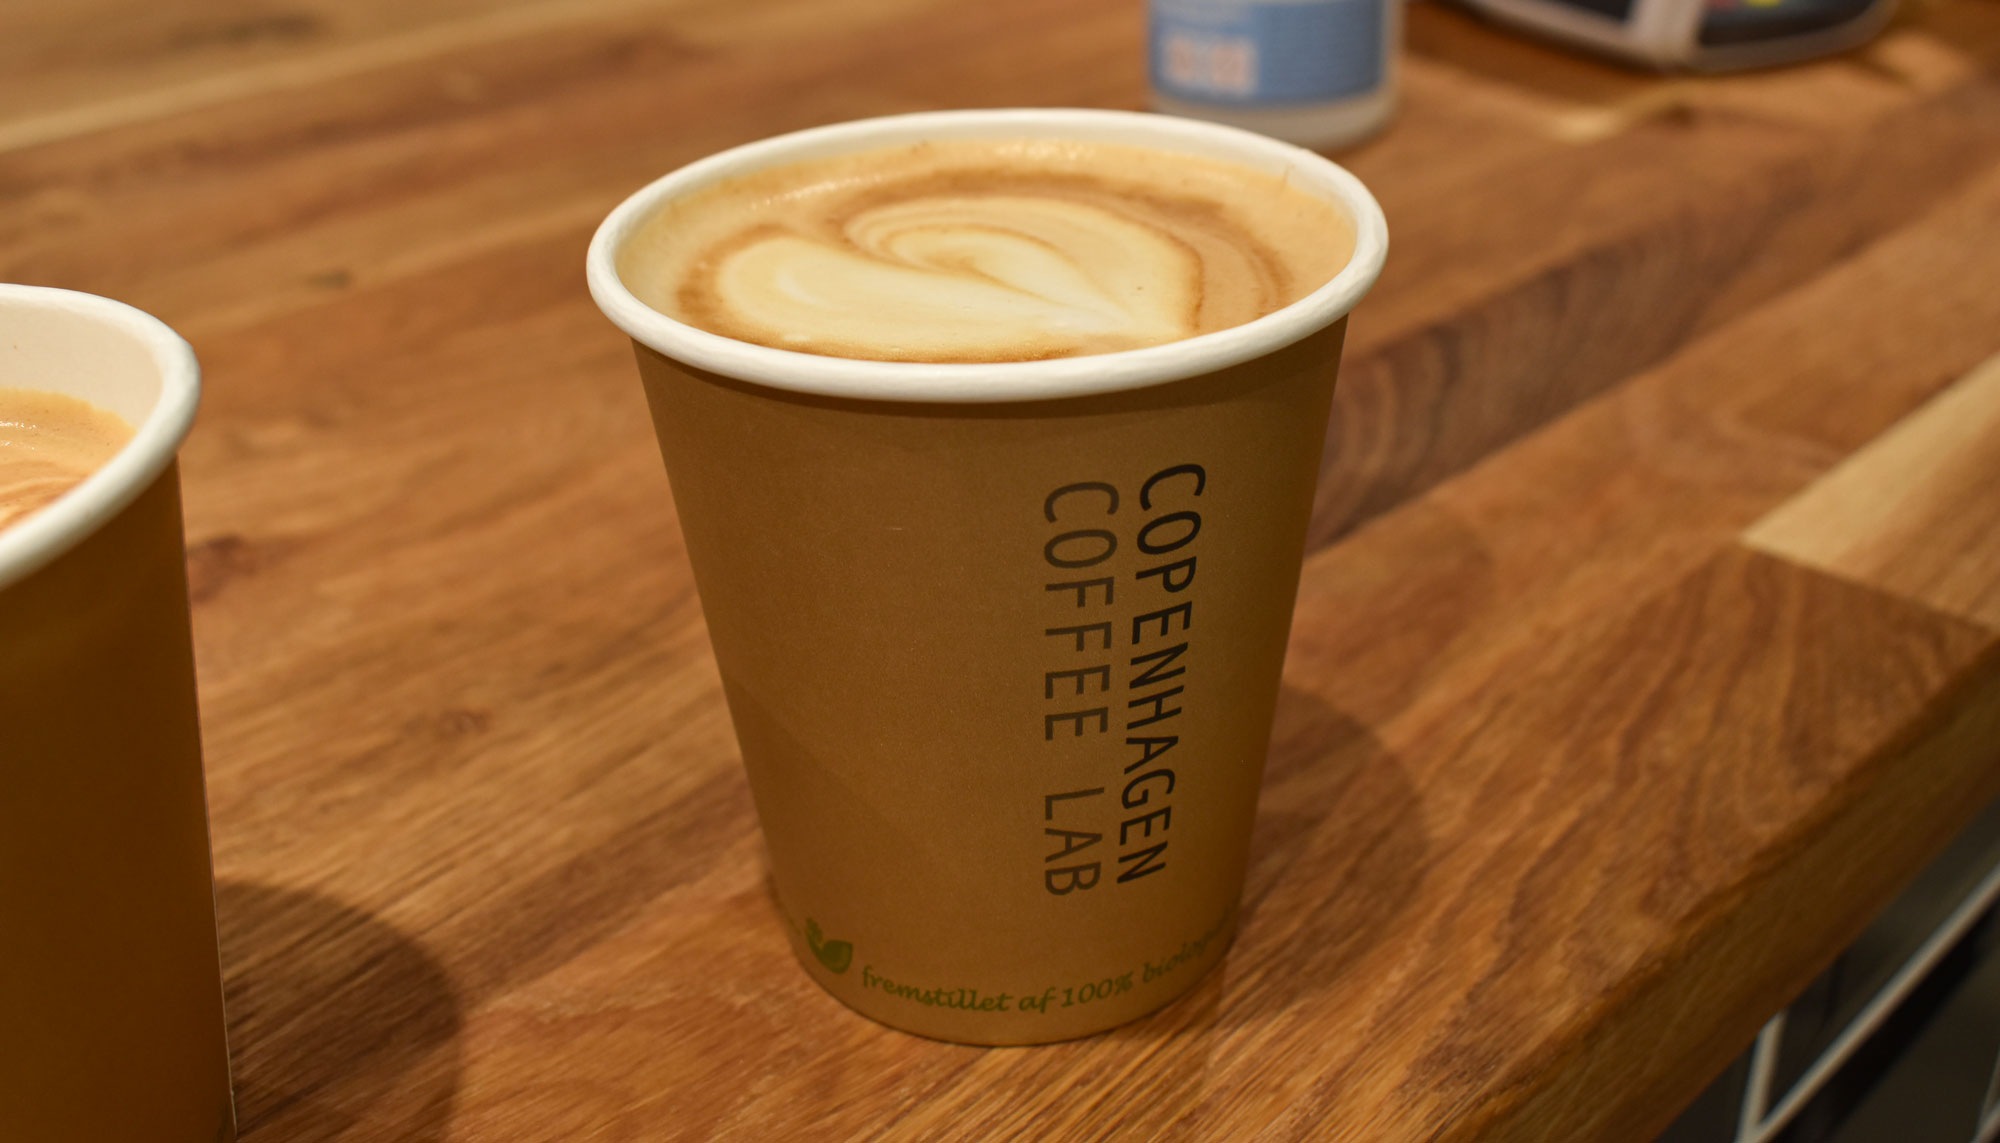 Kvalitetskaffe og lækkert bagværk: Ny kaffebar er åbnet i Aalborg